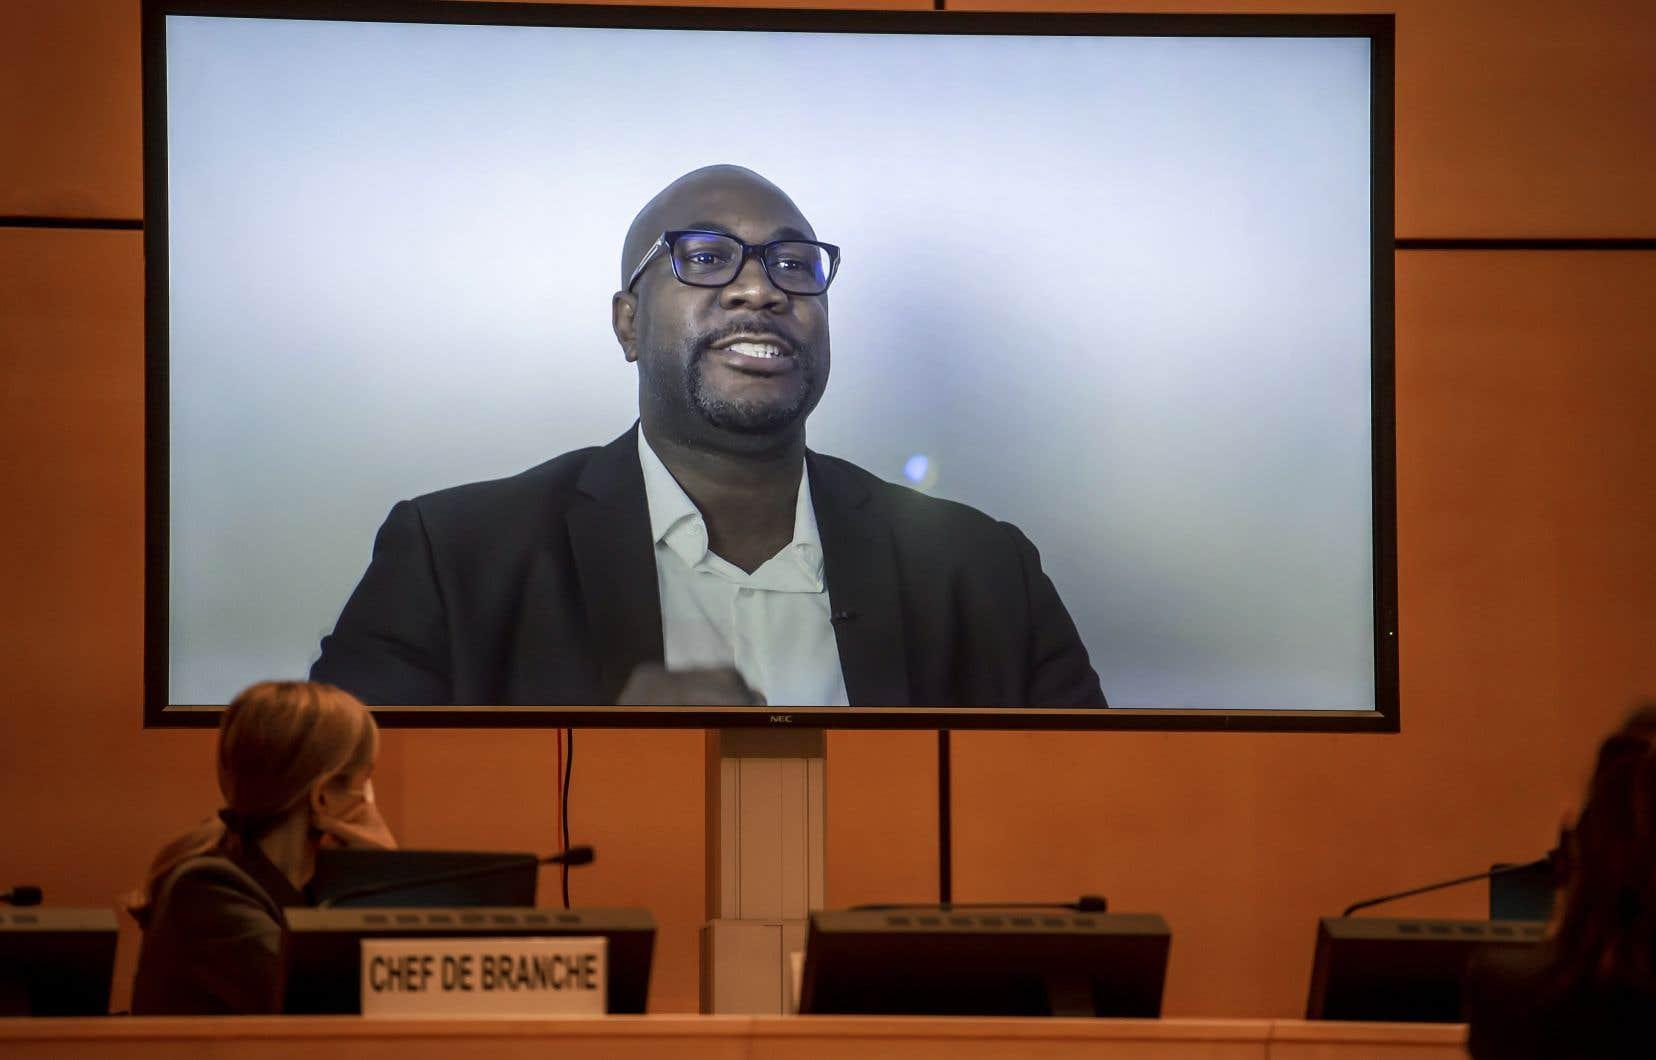 «Vous avez le pouvoir de nous aider à obtenir justice», a lancé Philonise Floyd, dans un message vidéo diffusé mercredi lors d'une réunion de l'ONU.